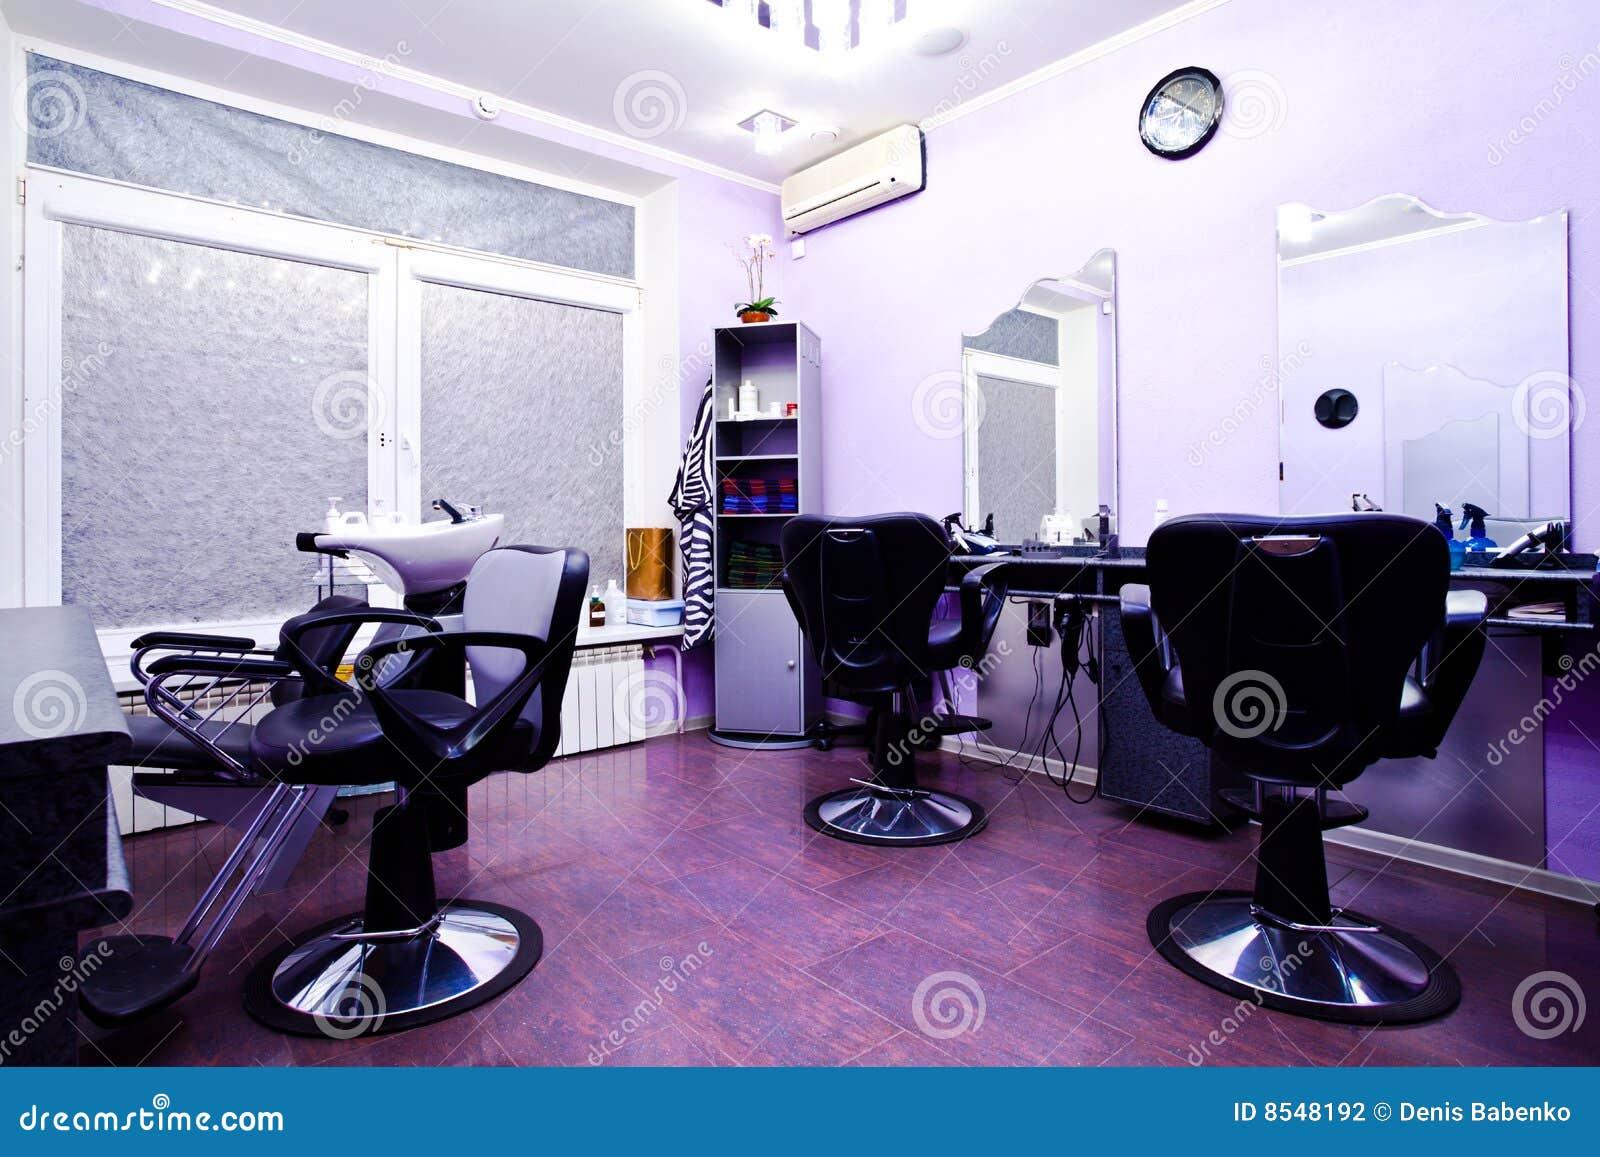 Fauteuils dans le salon de coiffure photographie stock for Dans de salon